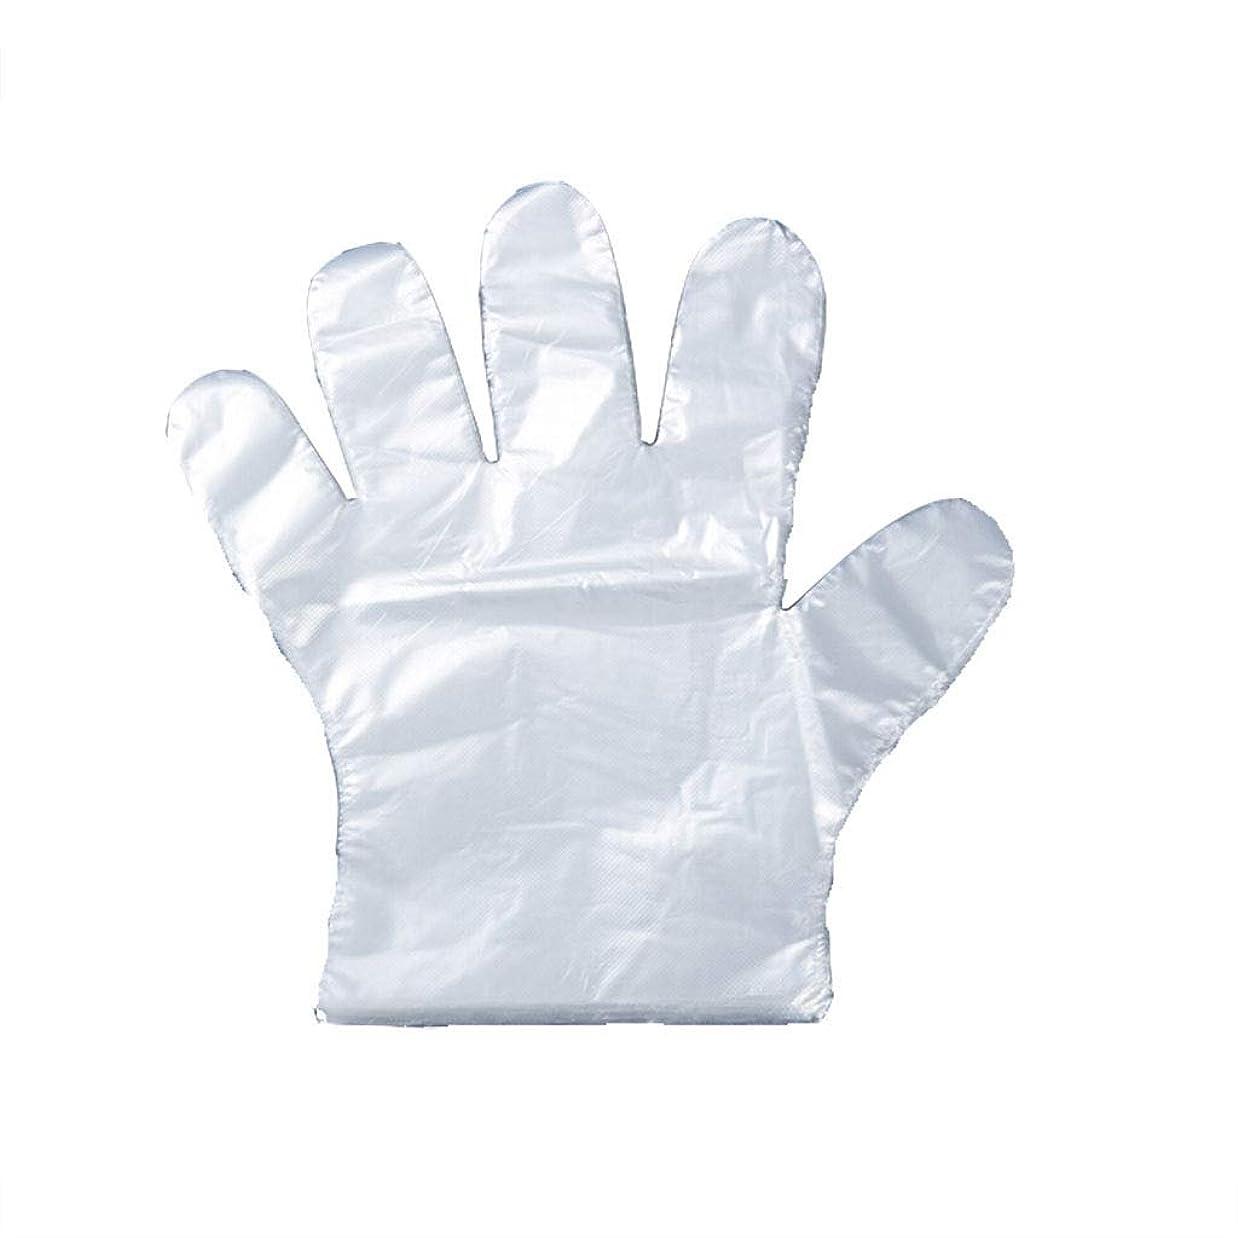 不幸津波ジェーンオースティン手袋の使い捨て手袋のフィルム家庭用キッチンの食品は、透明PEプラスチック手袋100パッケージを厚くした (UnitCount : 200)